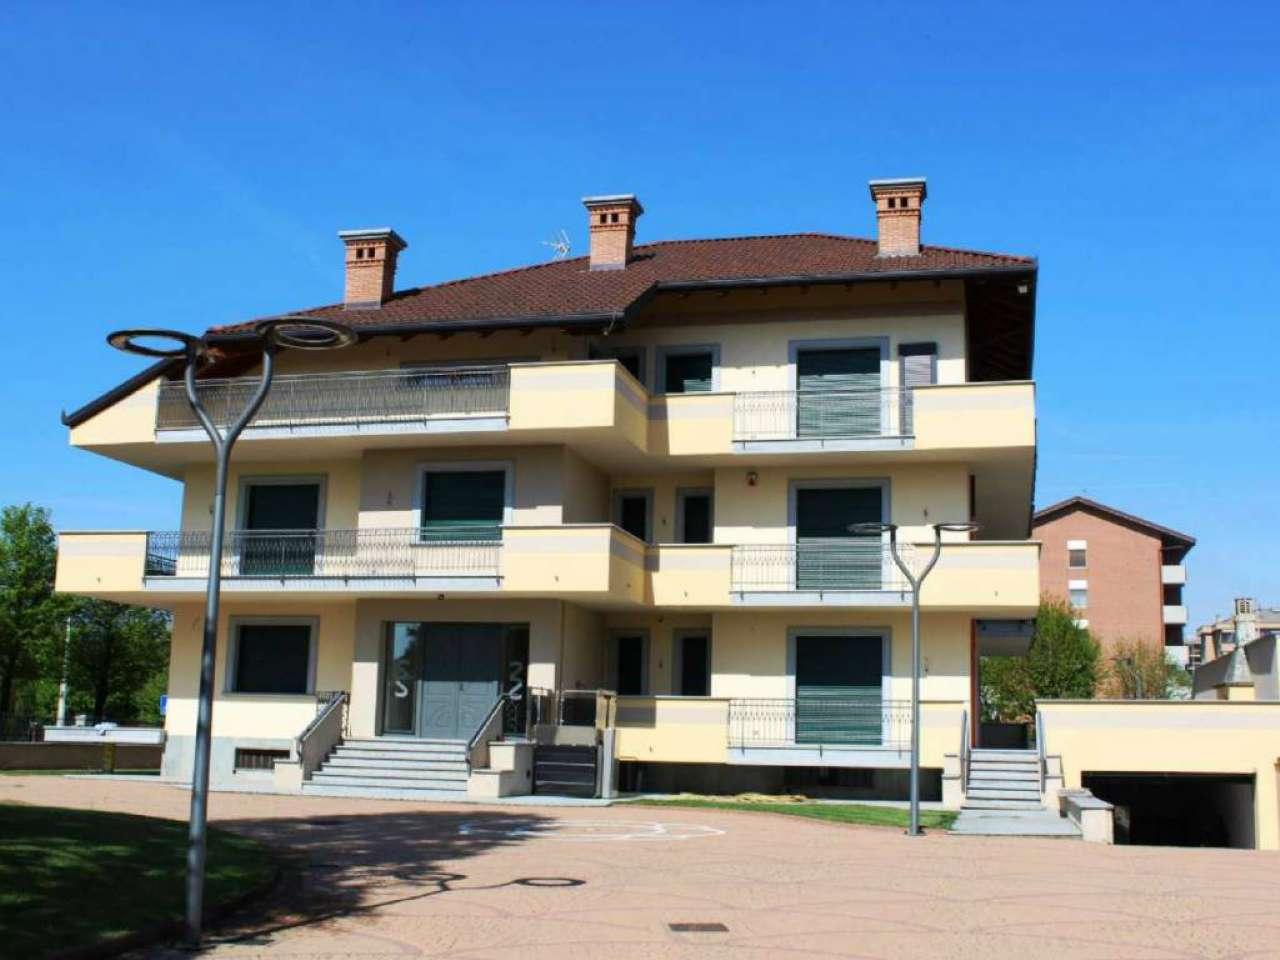 Appartamento in affitto a Ciriè, 6 locali, prezzo € 1.000 | CambioCasa.it